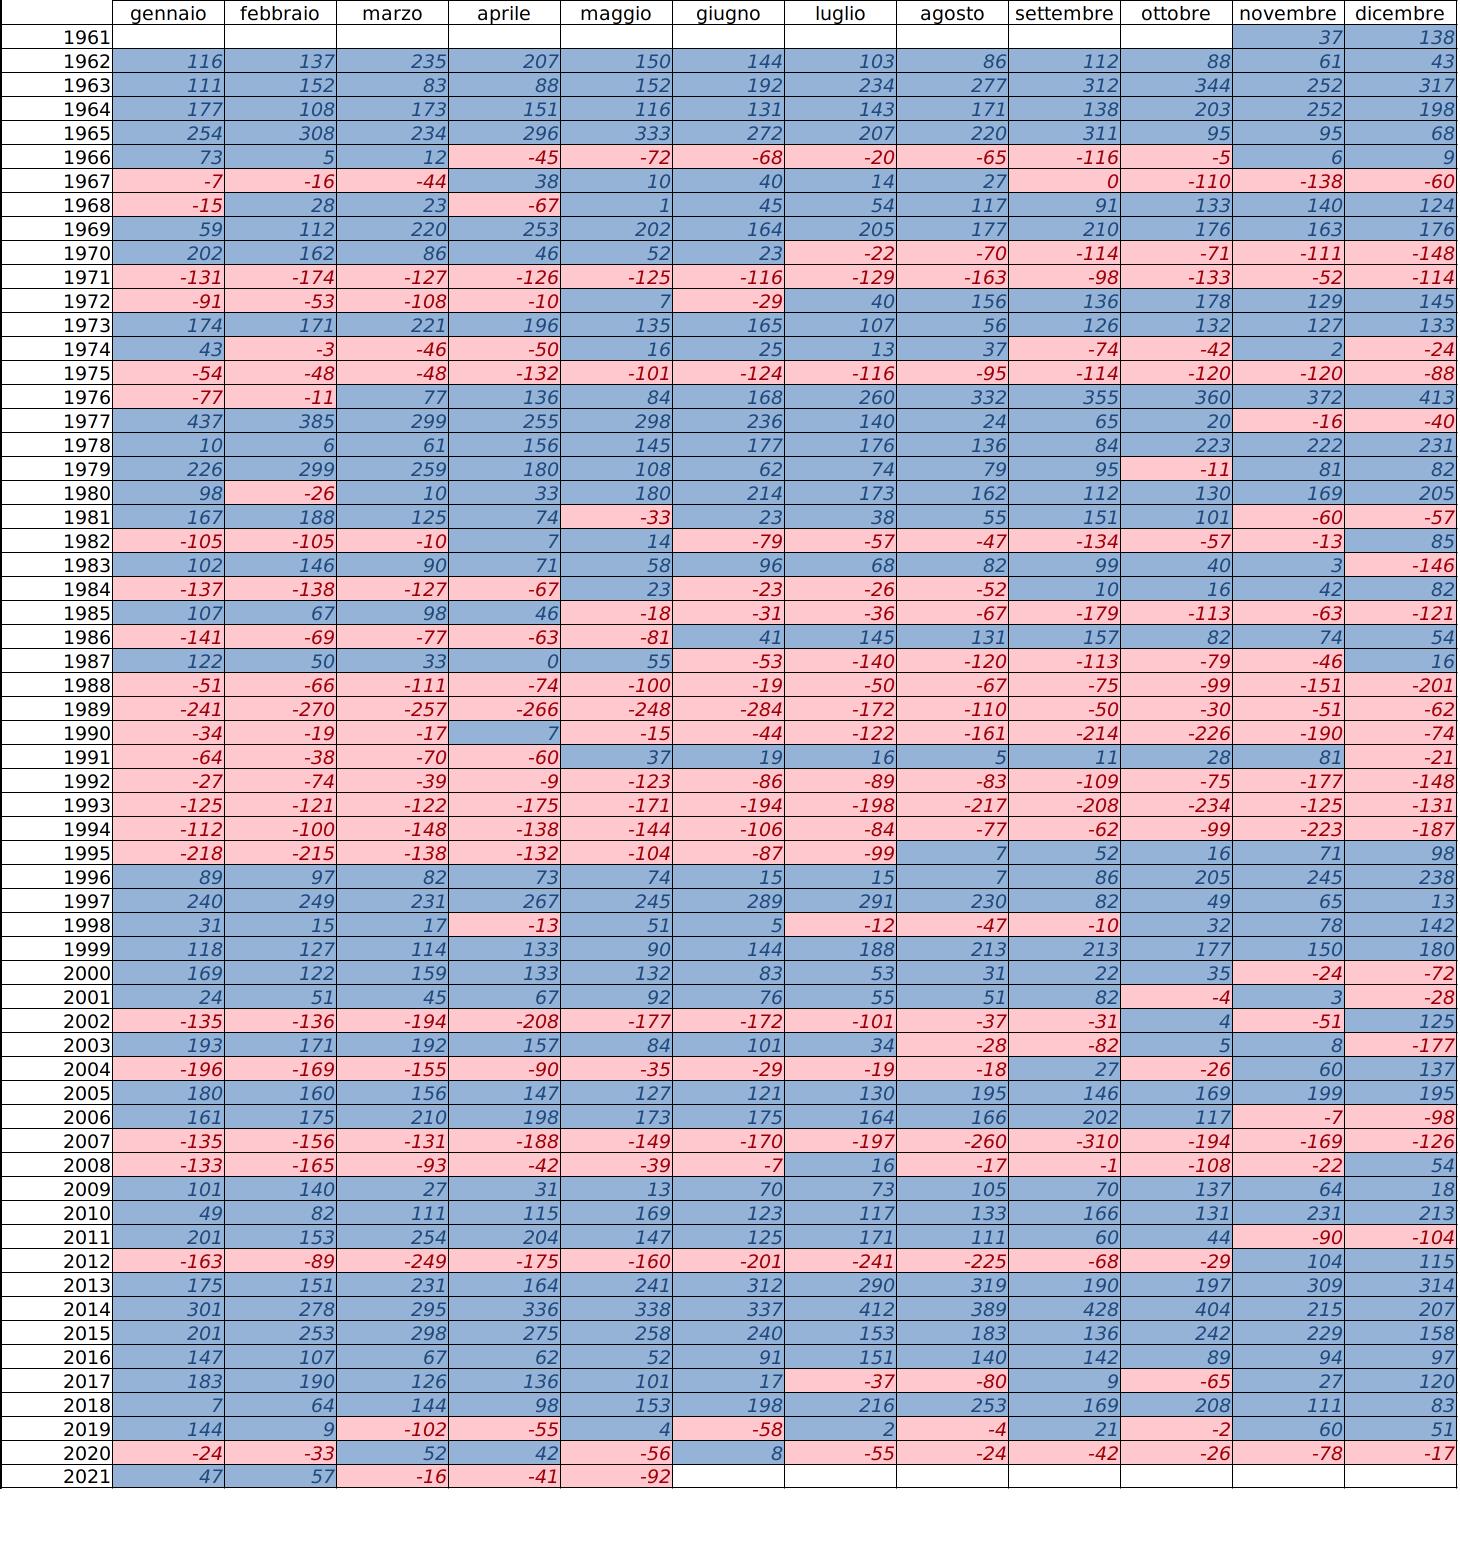 Meteo ASSAM Regione Marche - precipitazione ultimi 12 mesi dal 1961